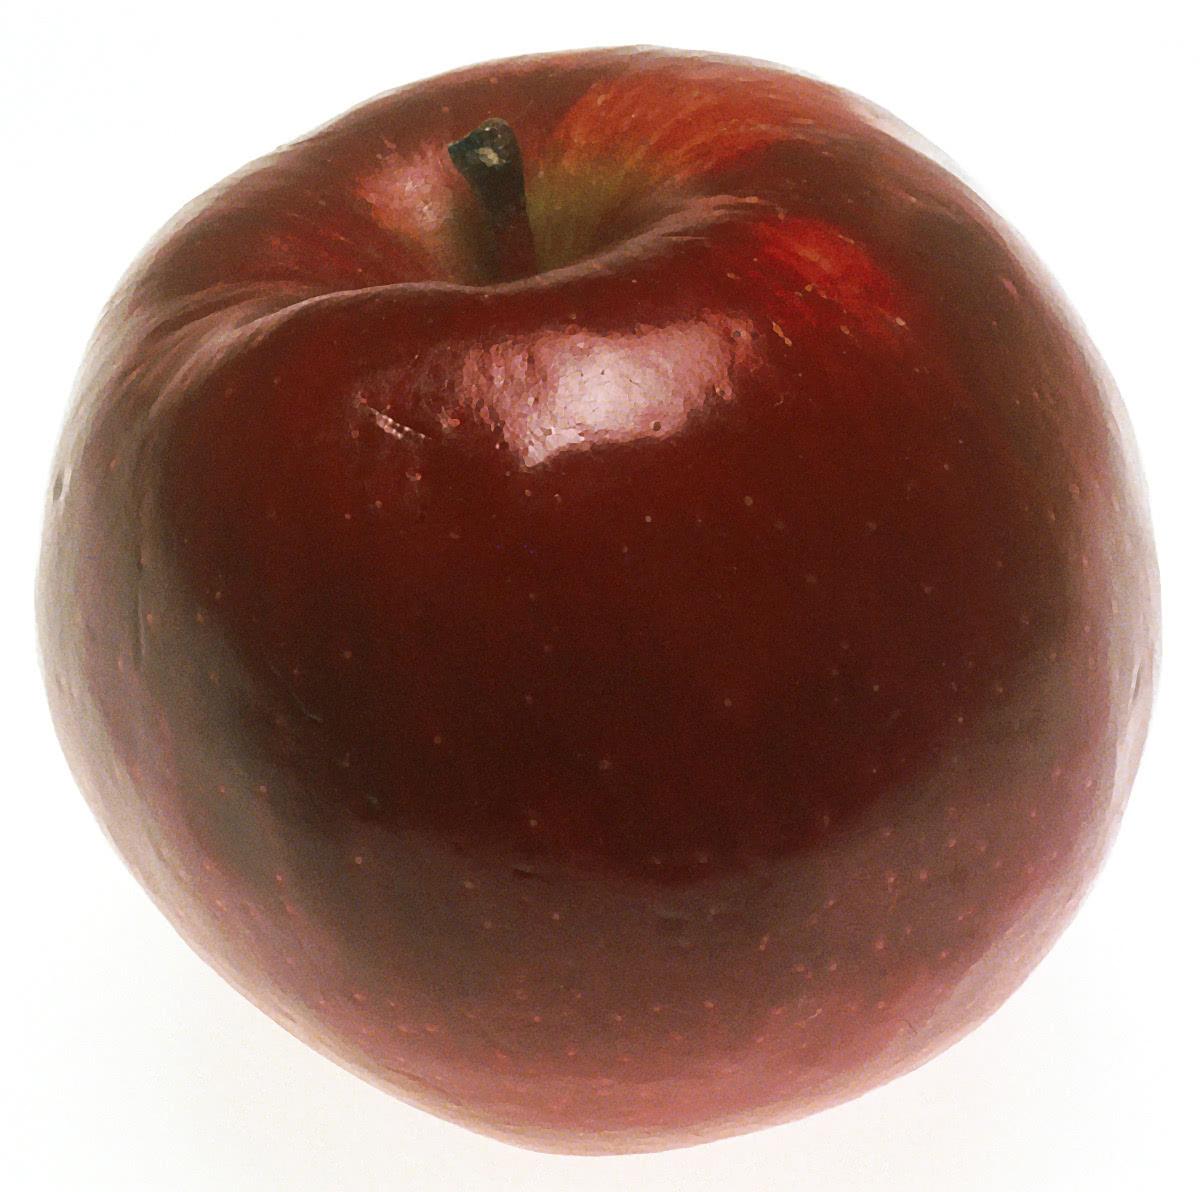 apple large - /food/fruit/apple/apples_2/apple_large.jpg.html